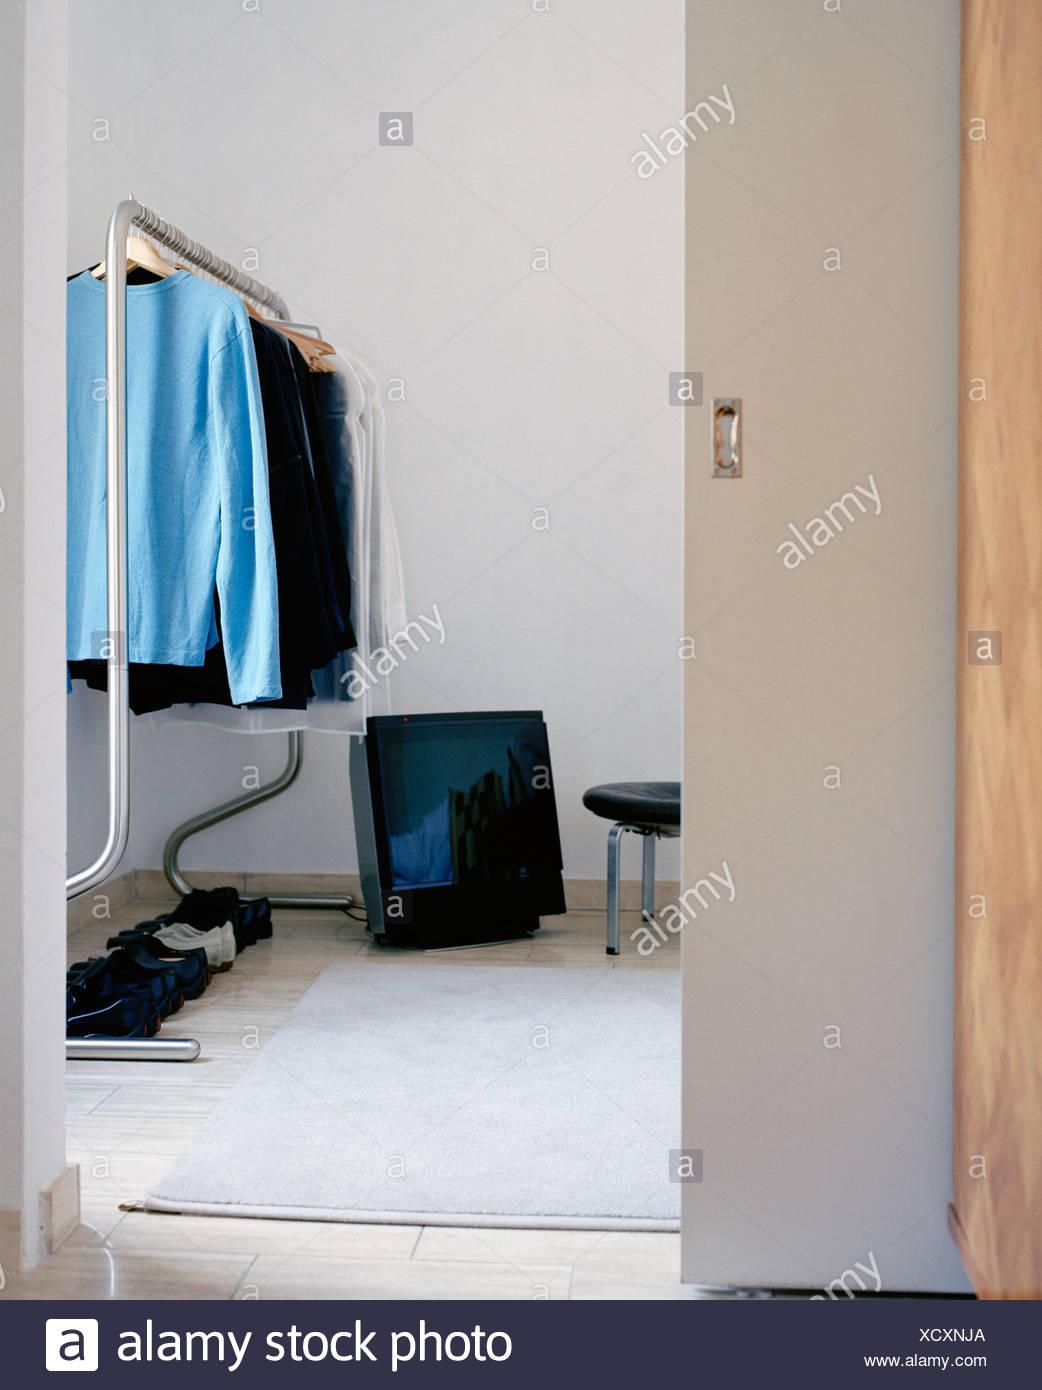 Verzauberkunst Fernseher Für Schlafzimmer Sammlung Von Ein Auf Dem Boden Im Schlafzimmer, Schweden.